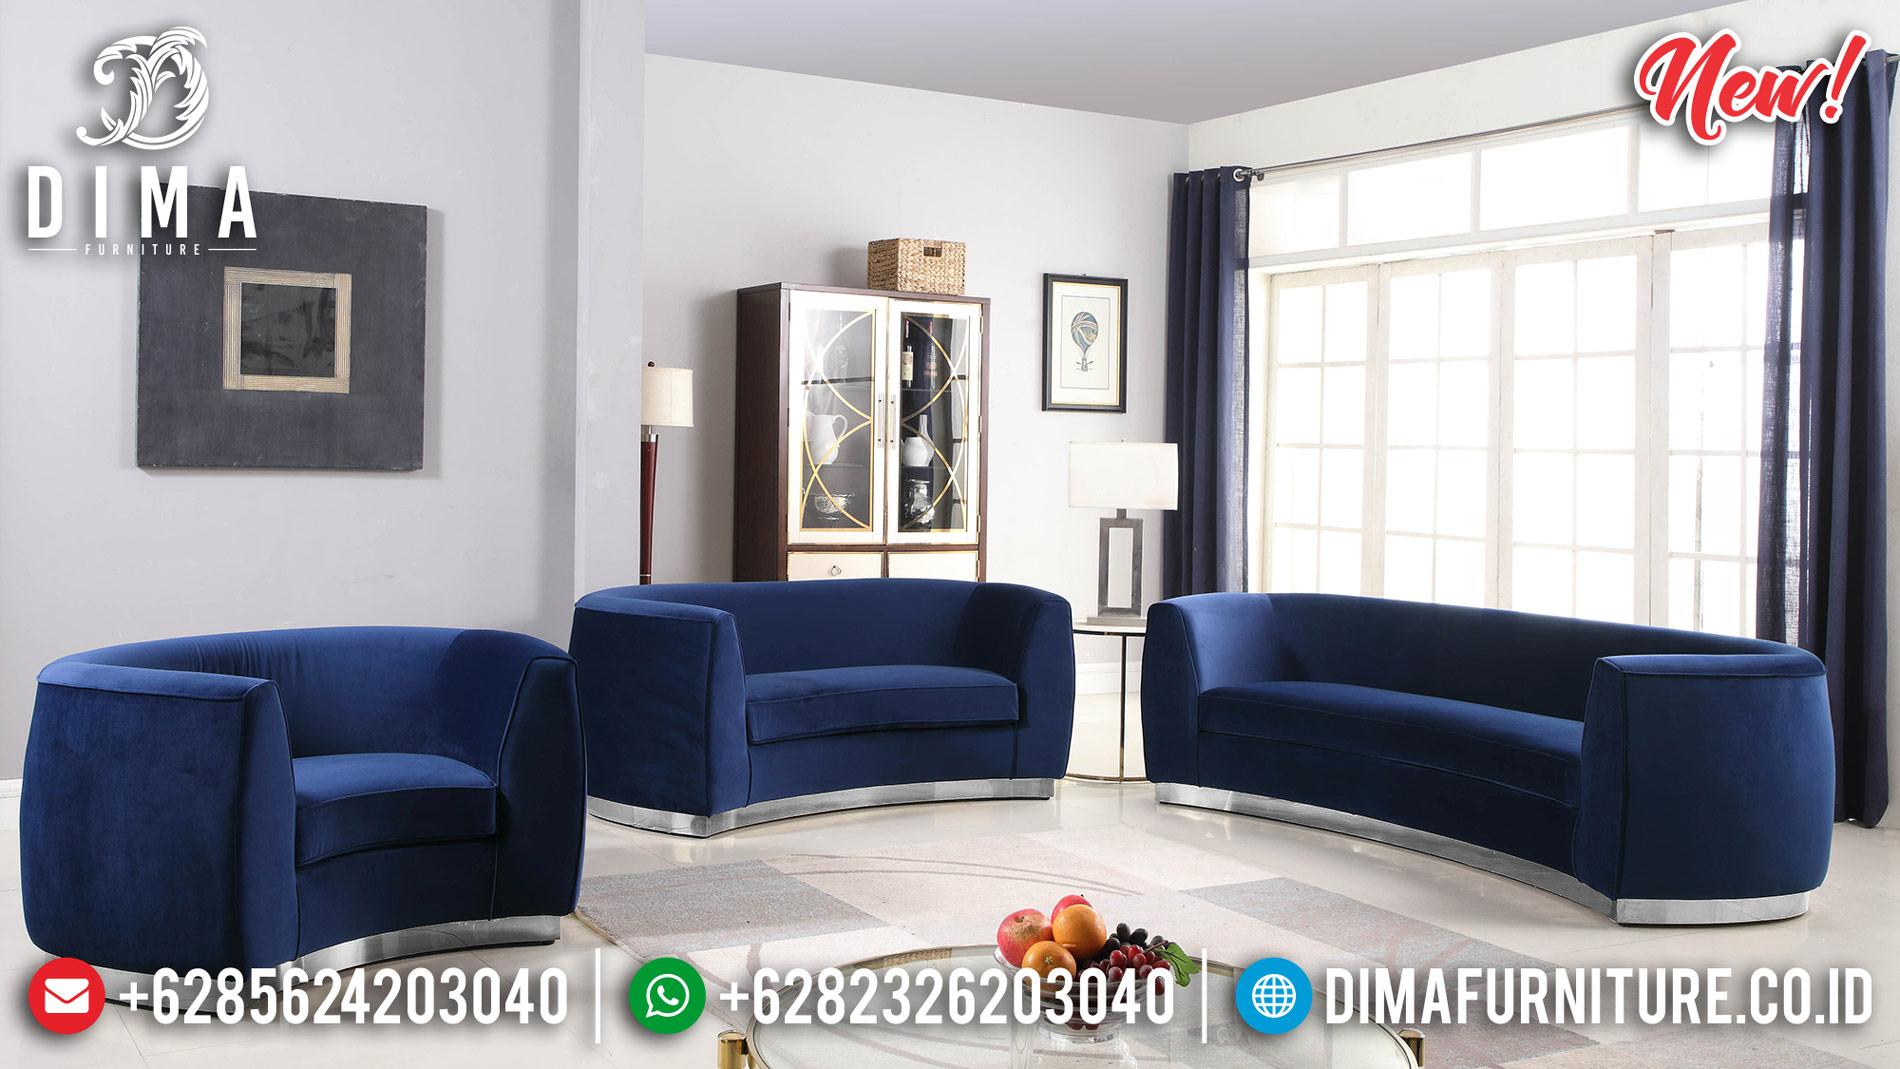 Sofa Tamu Minimalis Stainless Steel New Design Luxury Living Room BT-0913